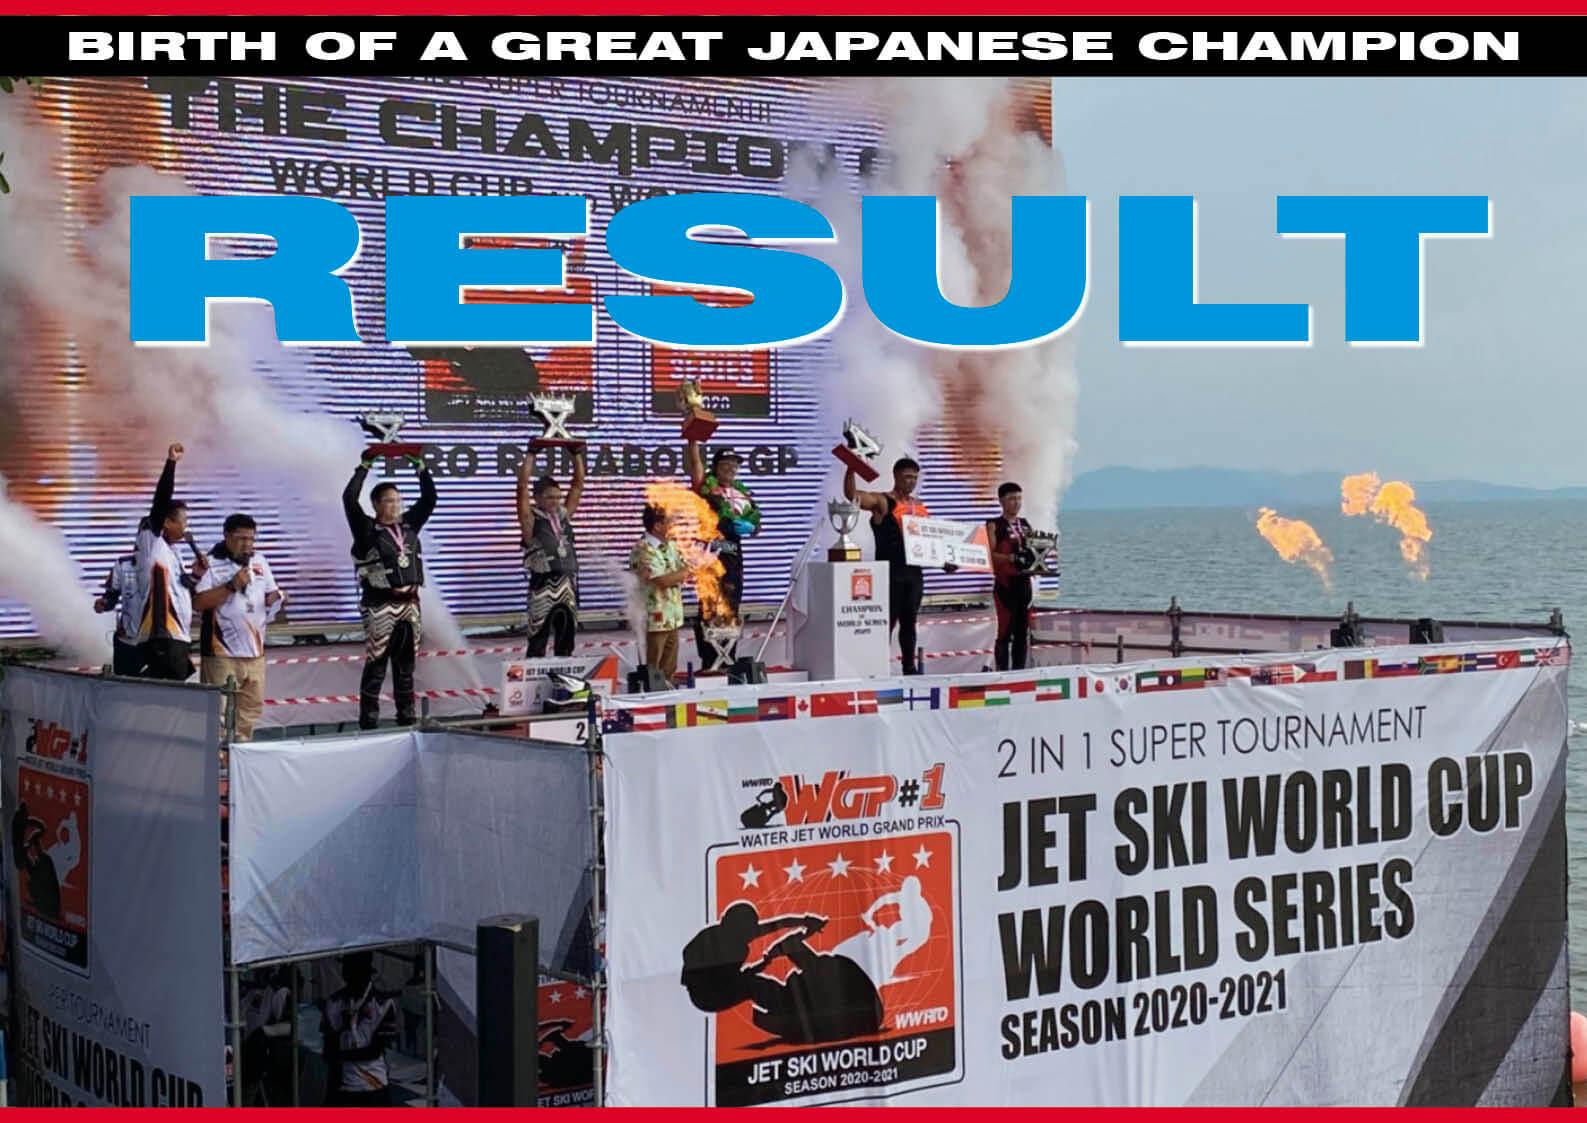 【速報】「ジェットスキーワールドカップ」で日本人最強のランナバウトライダー・砂盃肇プロが世界チャンピオン獲得 ジェットスキー(水上バイク)